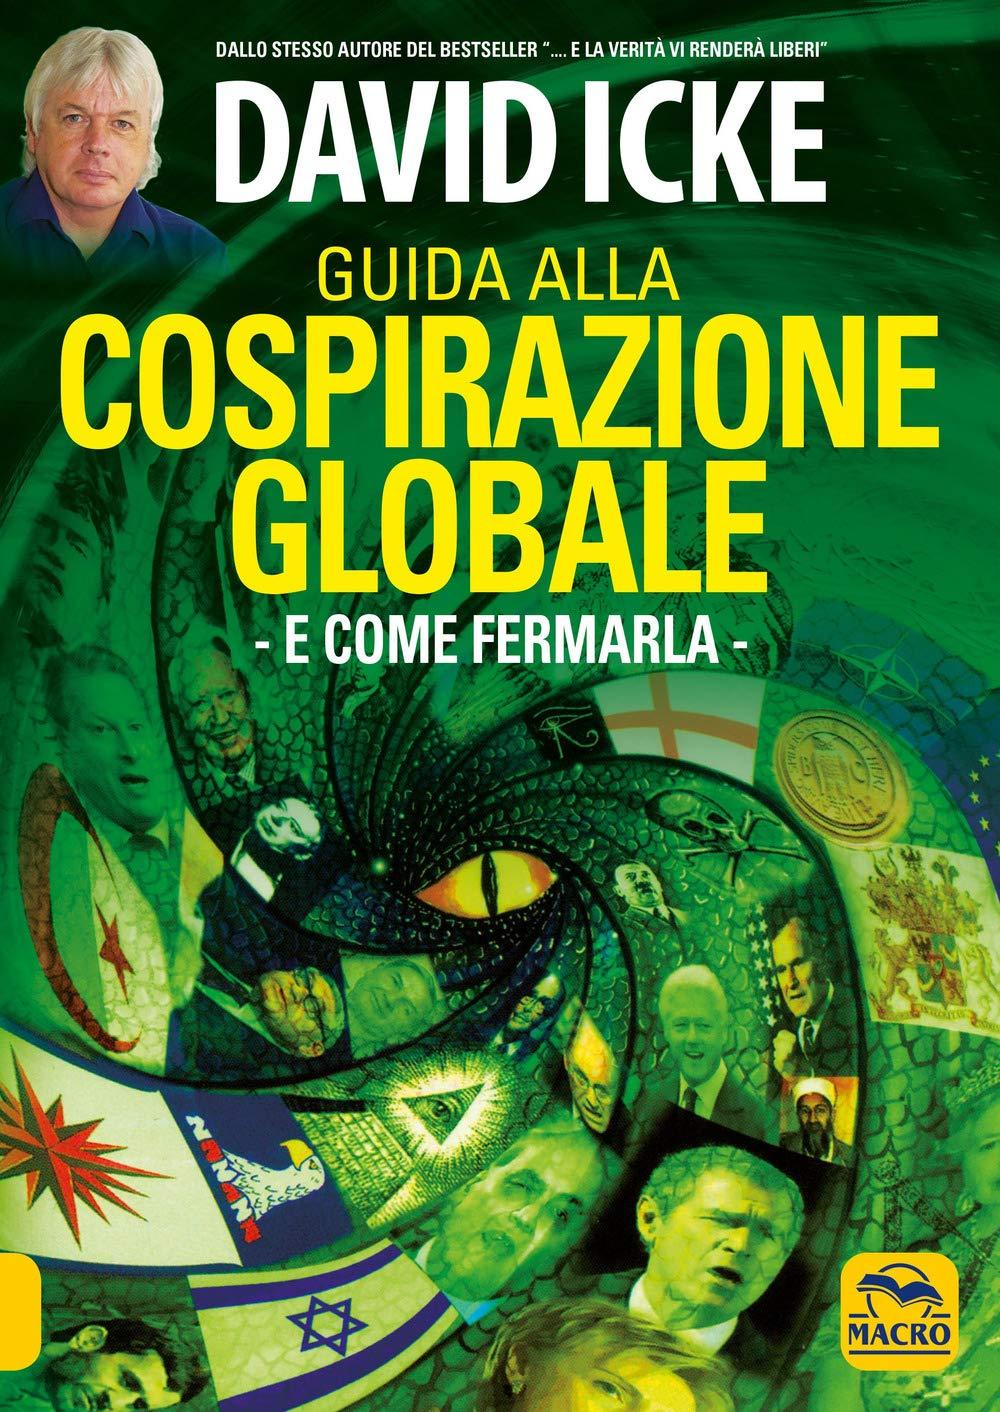 Libri di david icke   Guida alla cospirazione globale. e come fermarla (italiano) copertina flessibile 978-8828507574